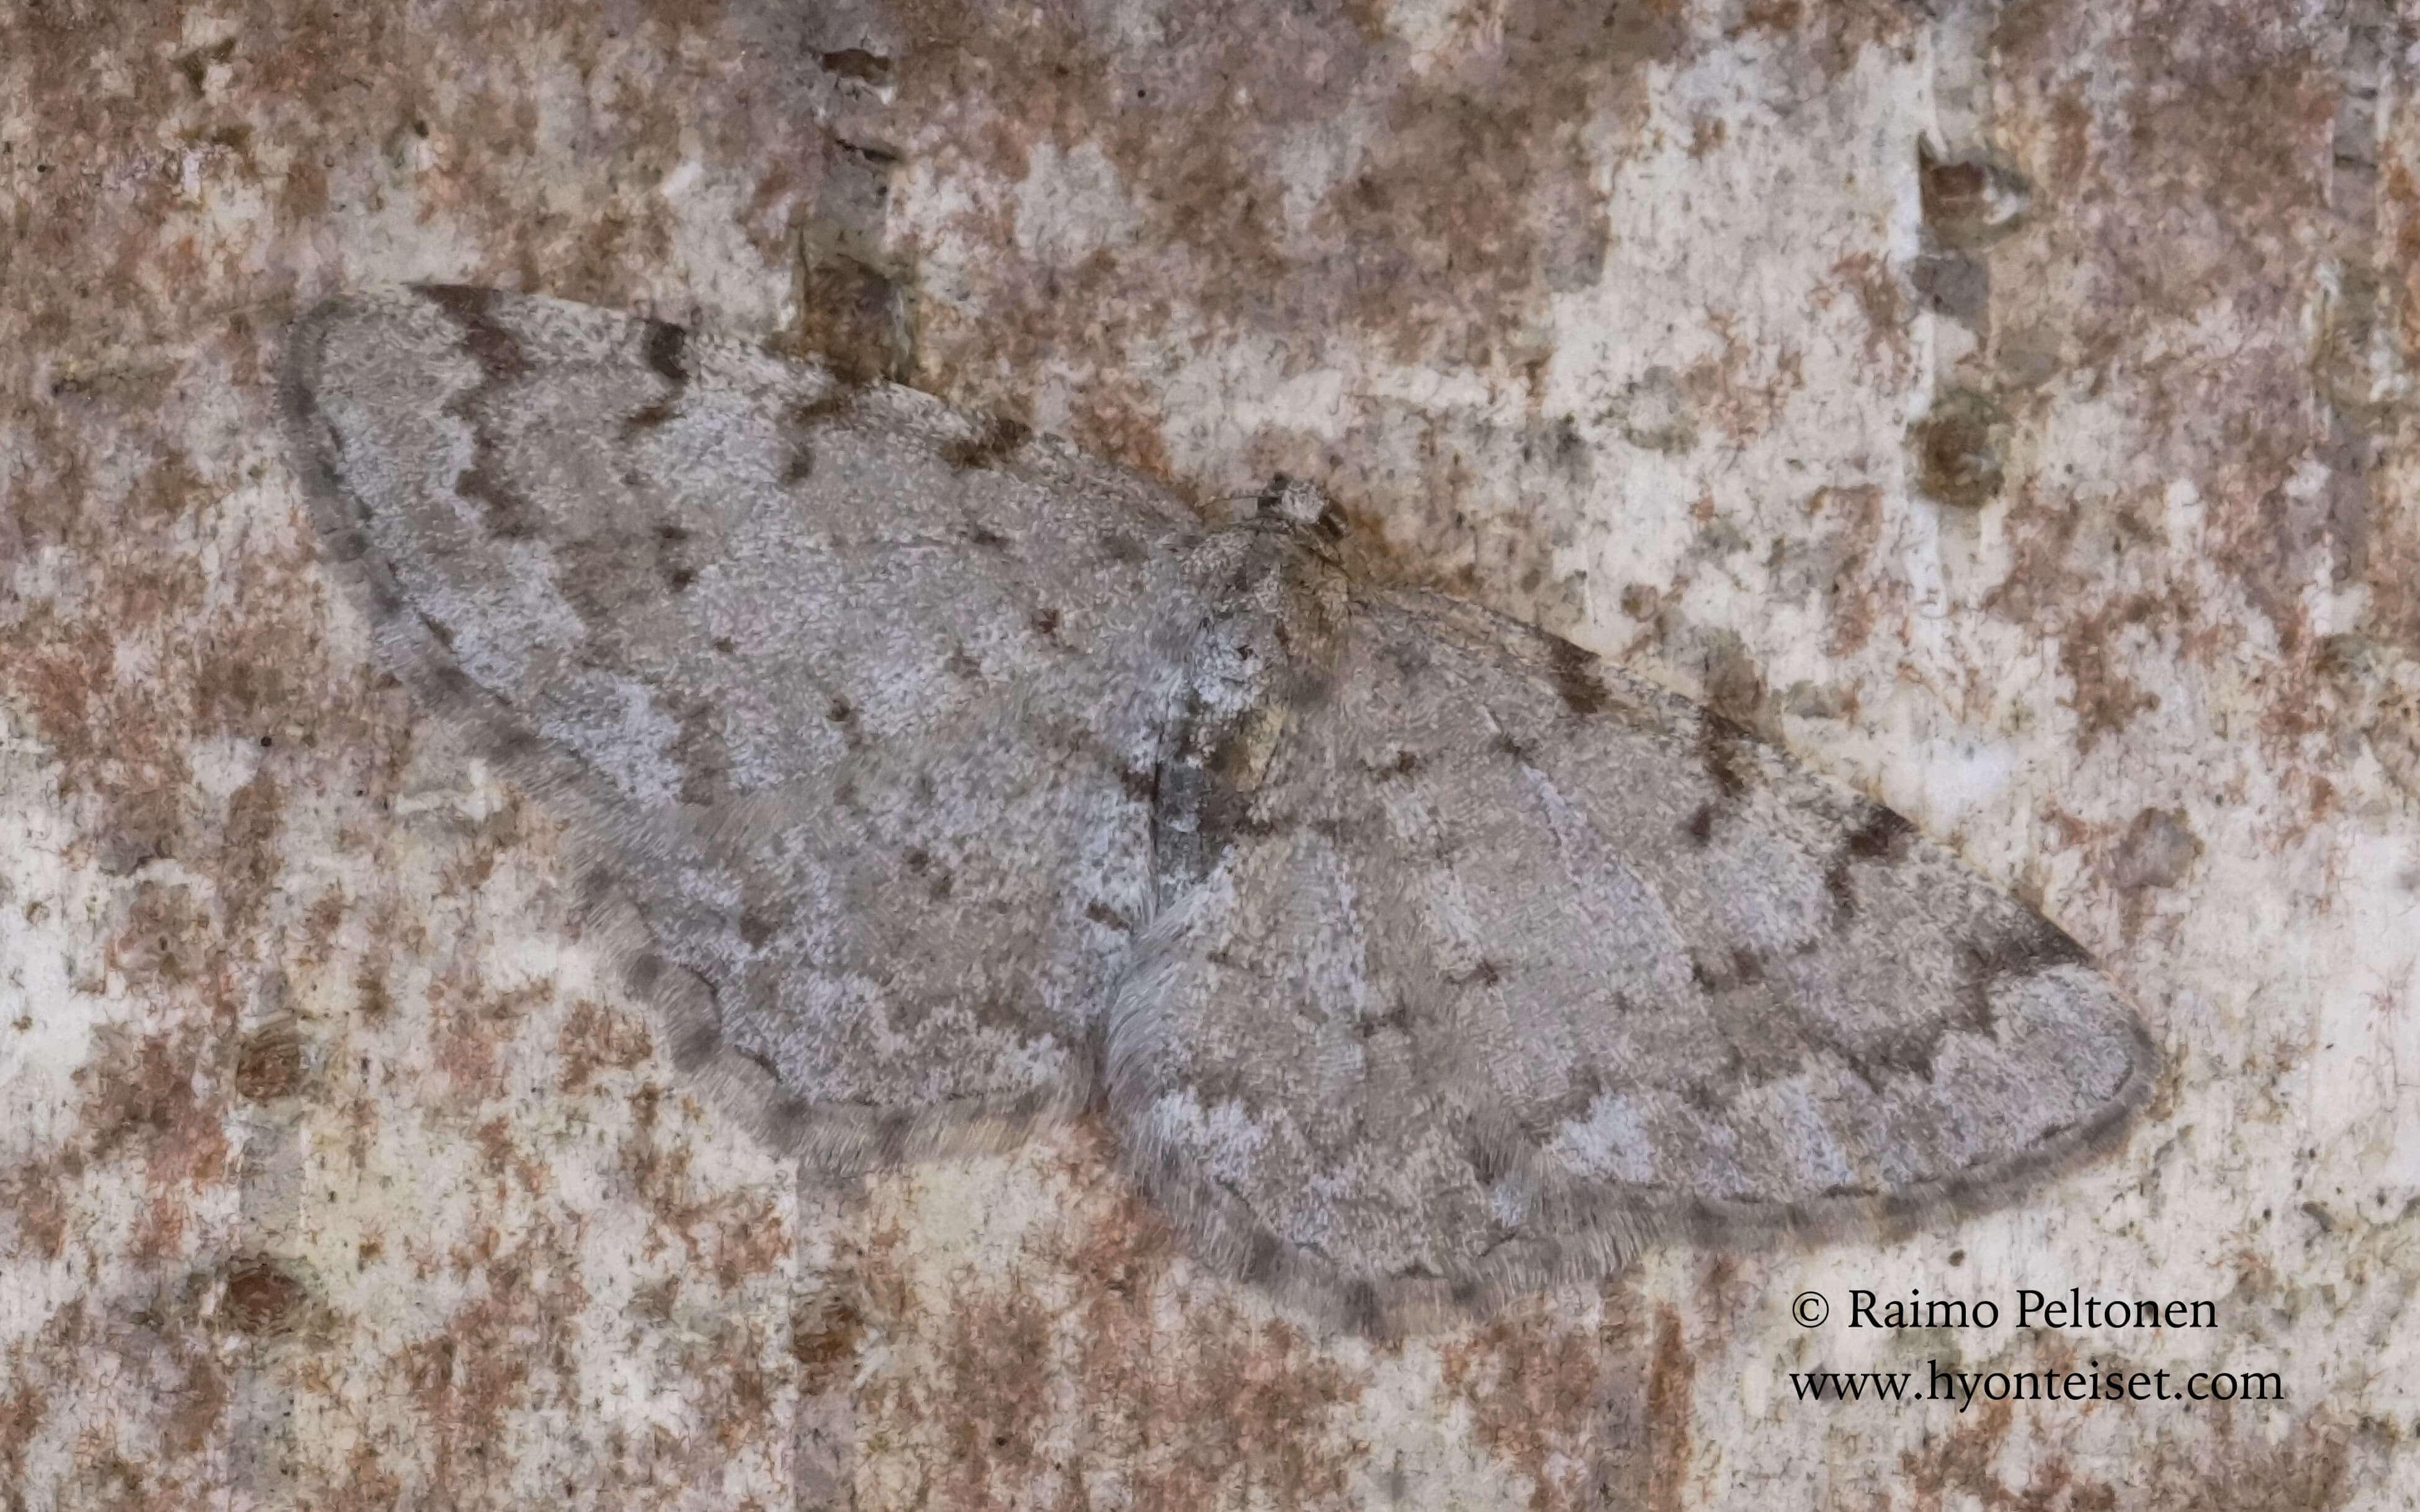 Aethalura punctulata-pikkuharmomittari (conf. Pekka Malinen), 7.5.2017 Jyväskylä